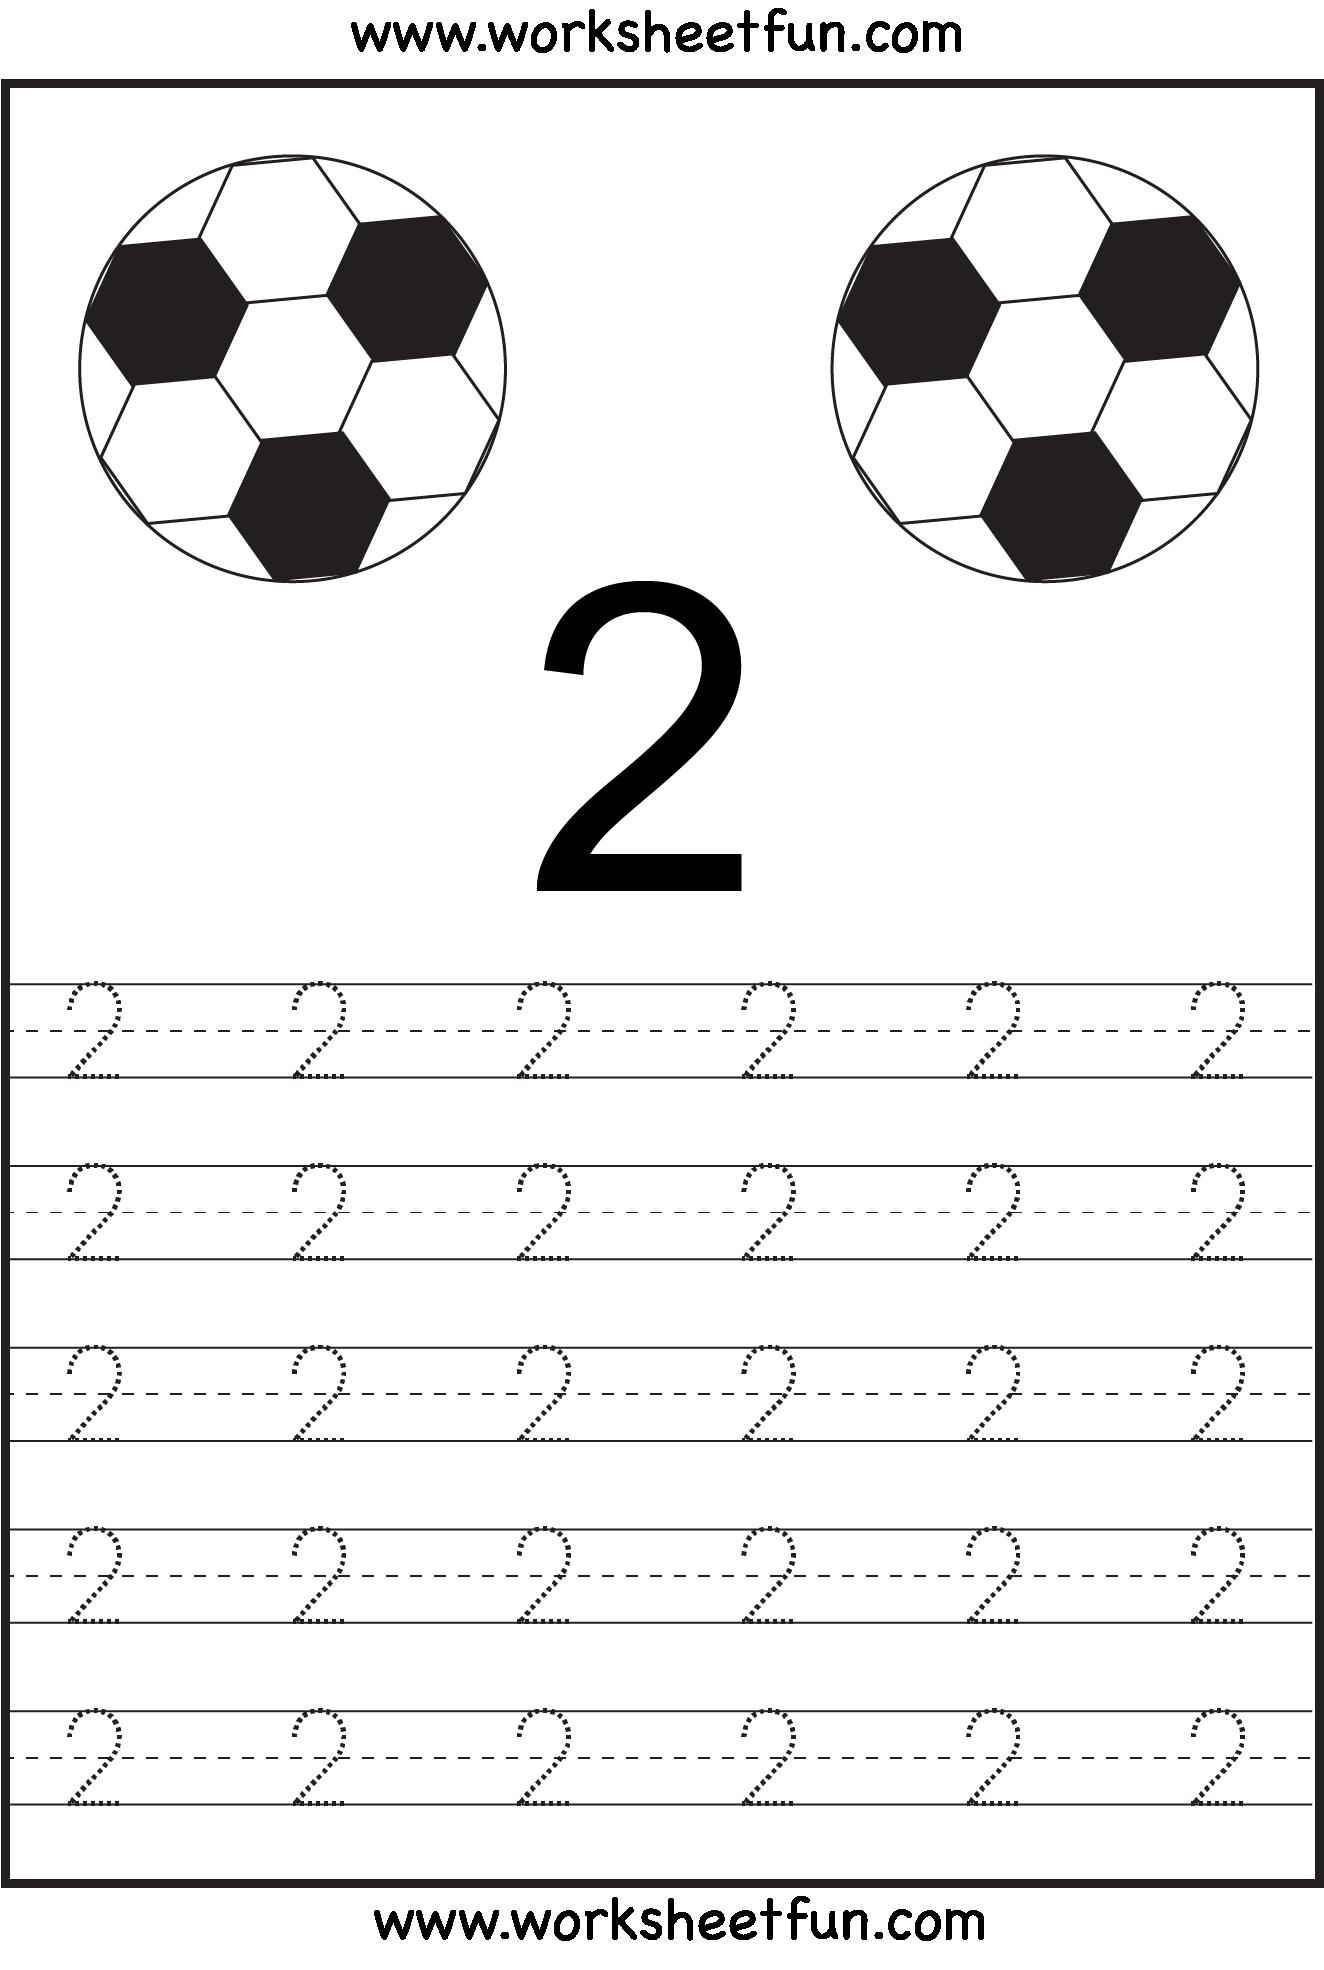 Kindergarten Worksheets Tracing Numbers 1 10 297542